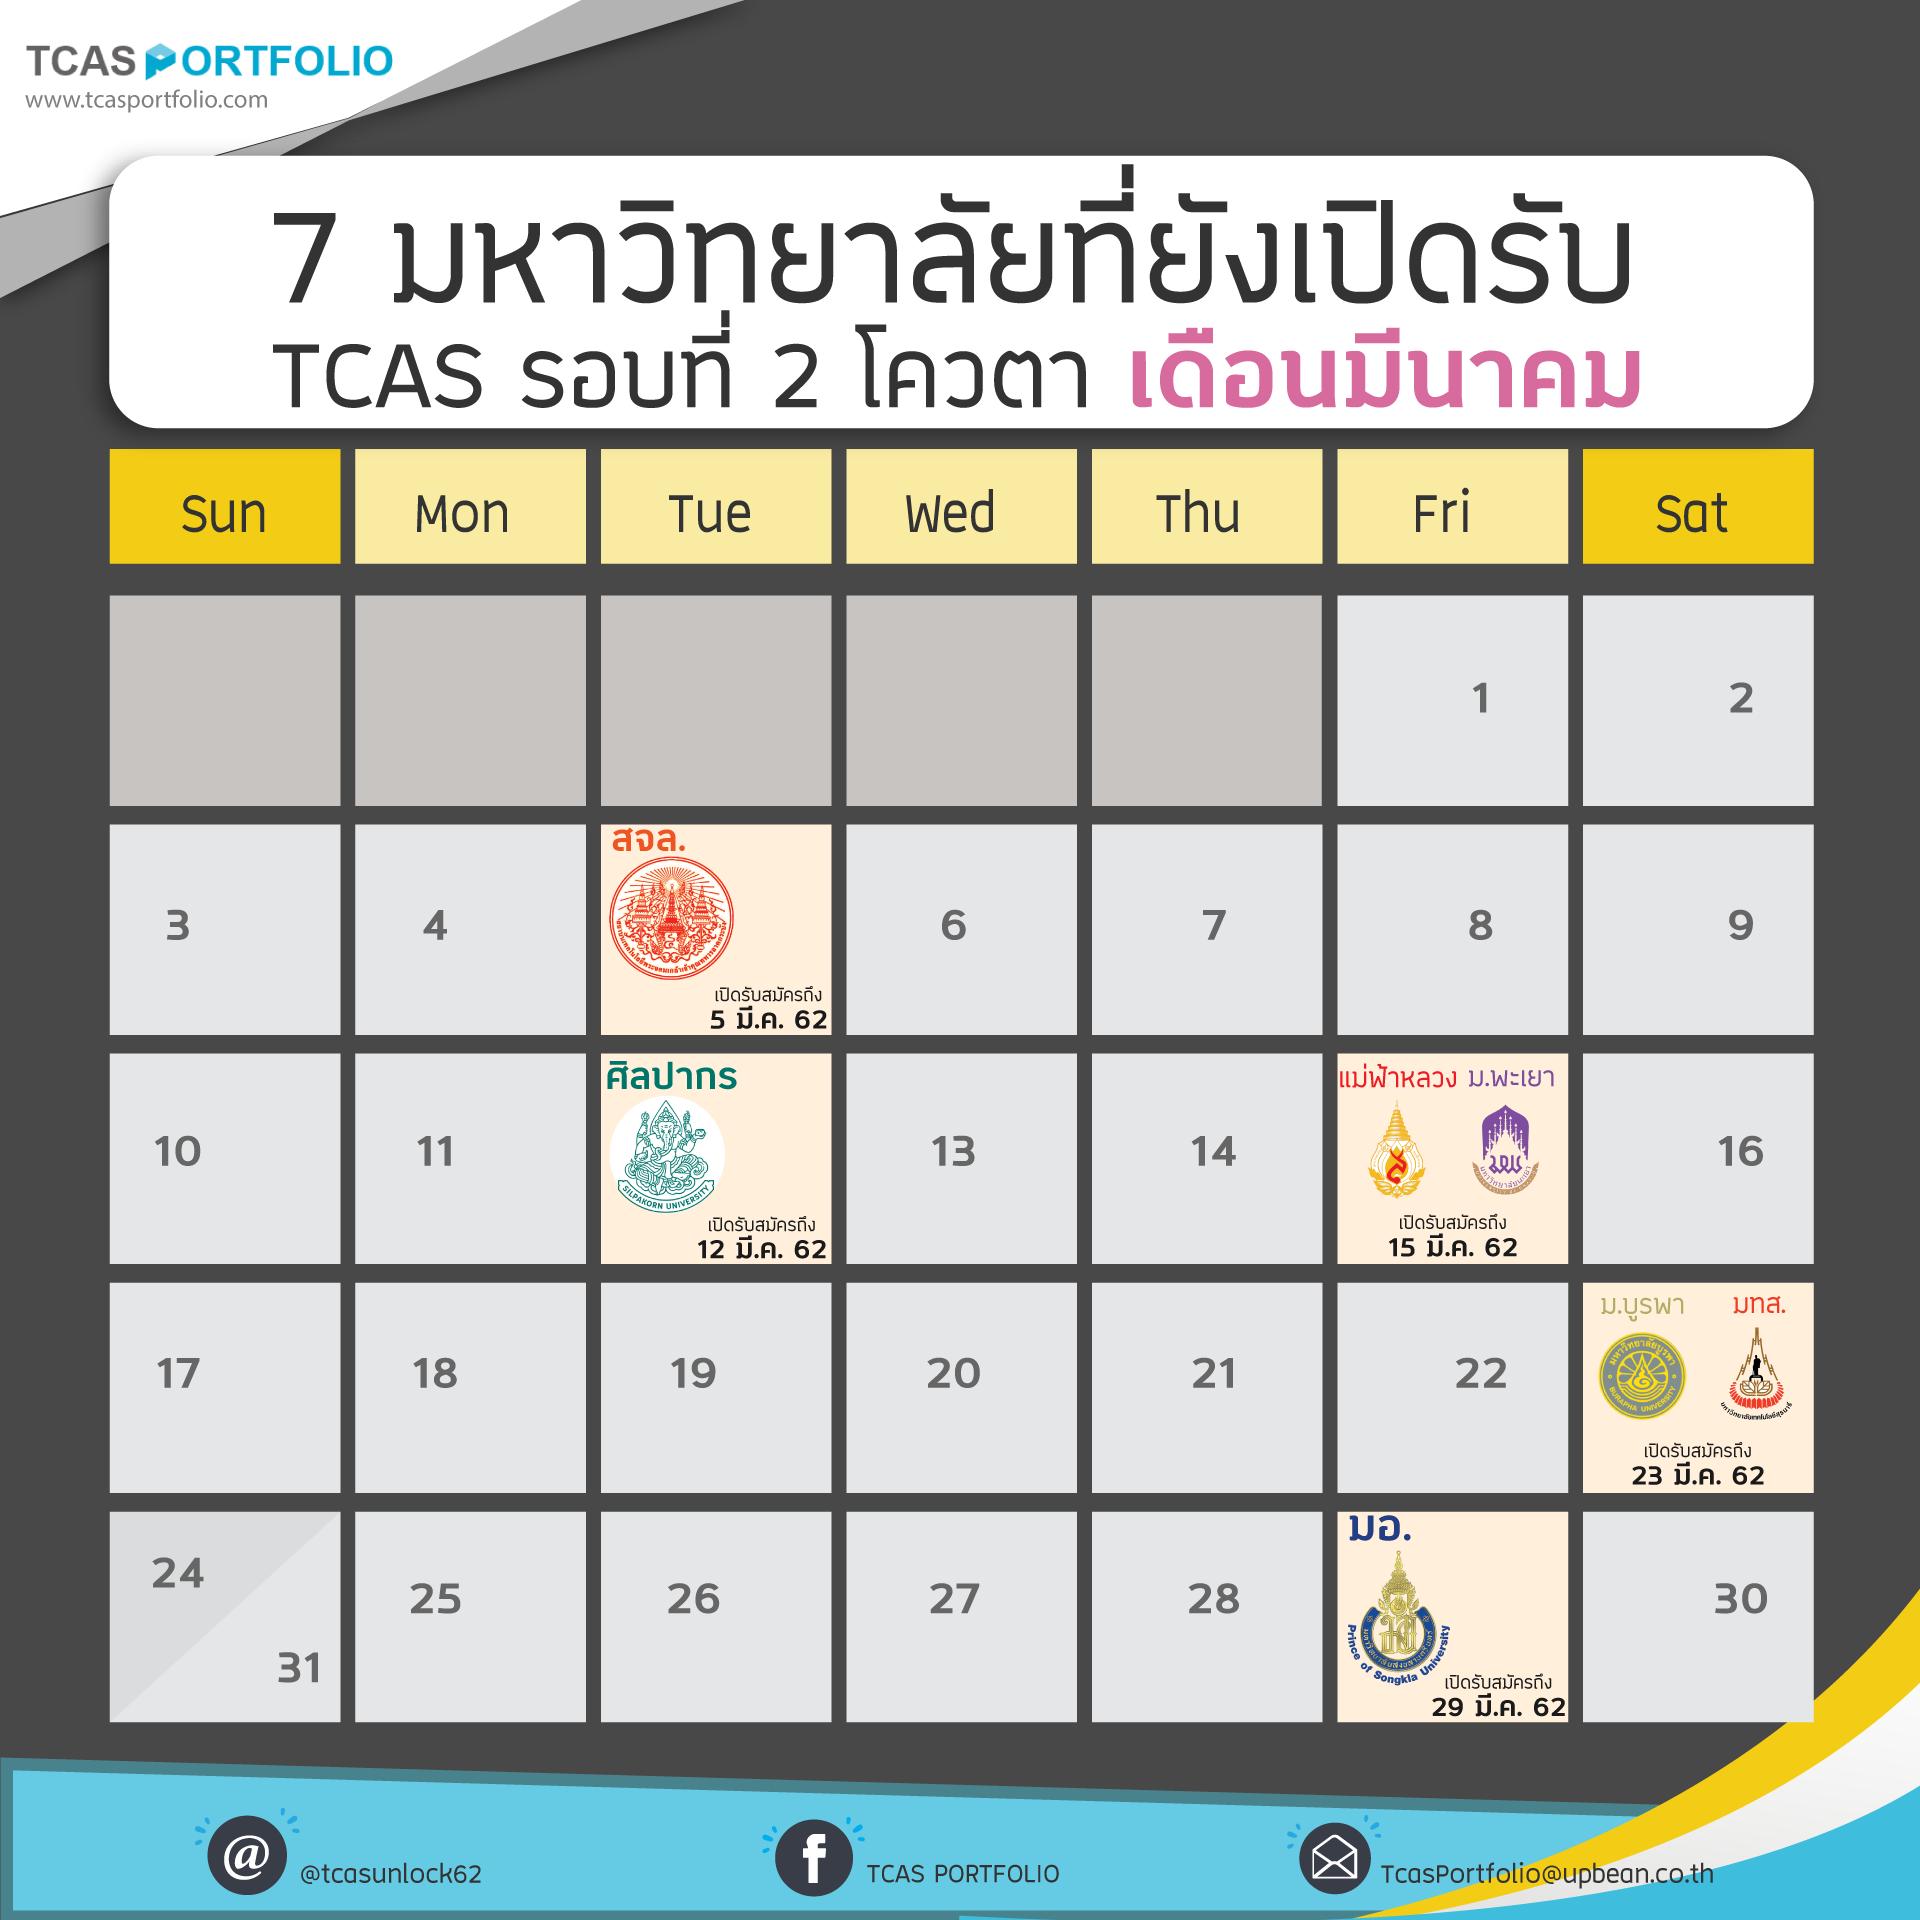 มหาวิทยาลัยที่ยังเปิดรับ TCAS รอบที่ 2 โควตา เดือนมีนาคม